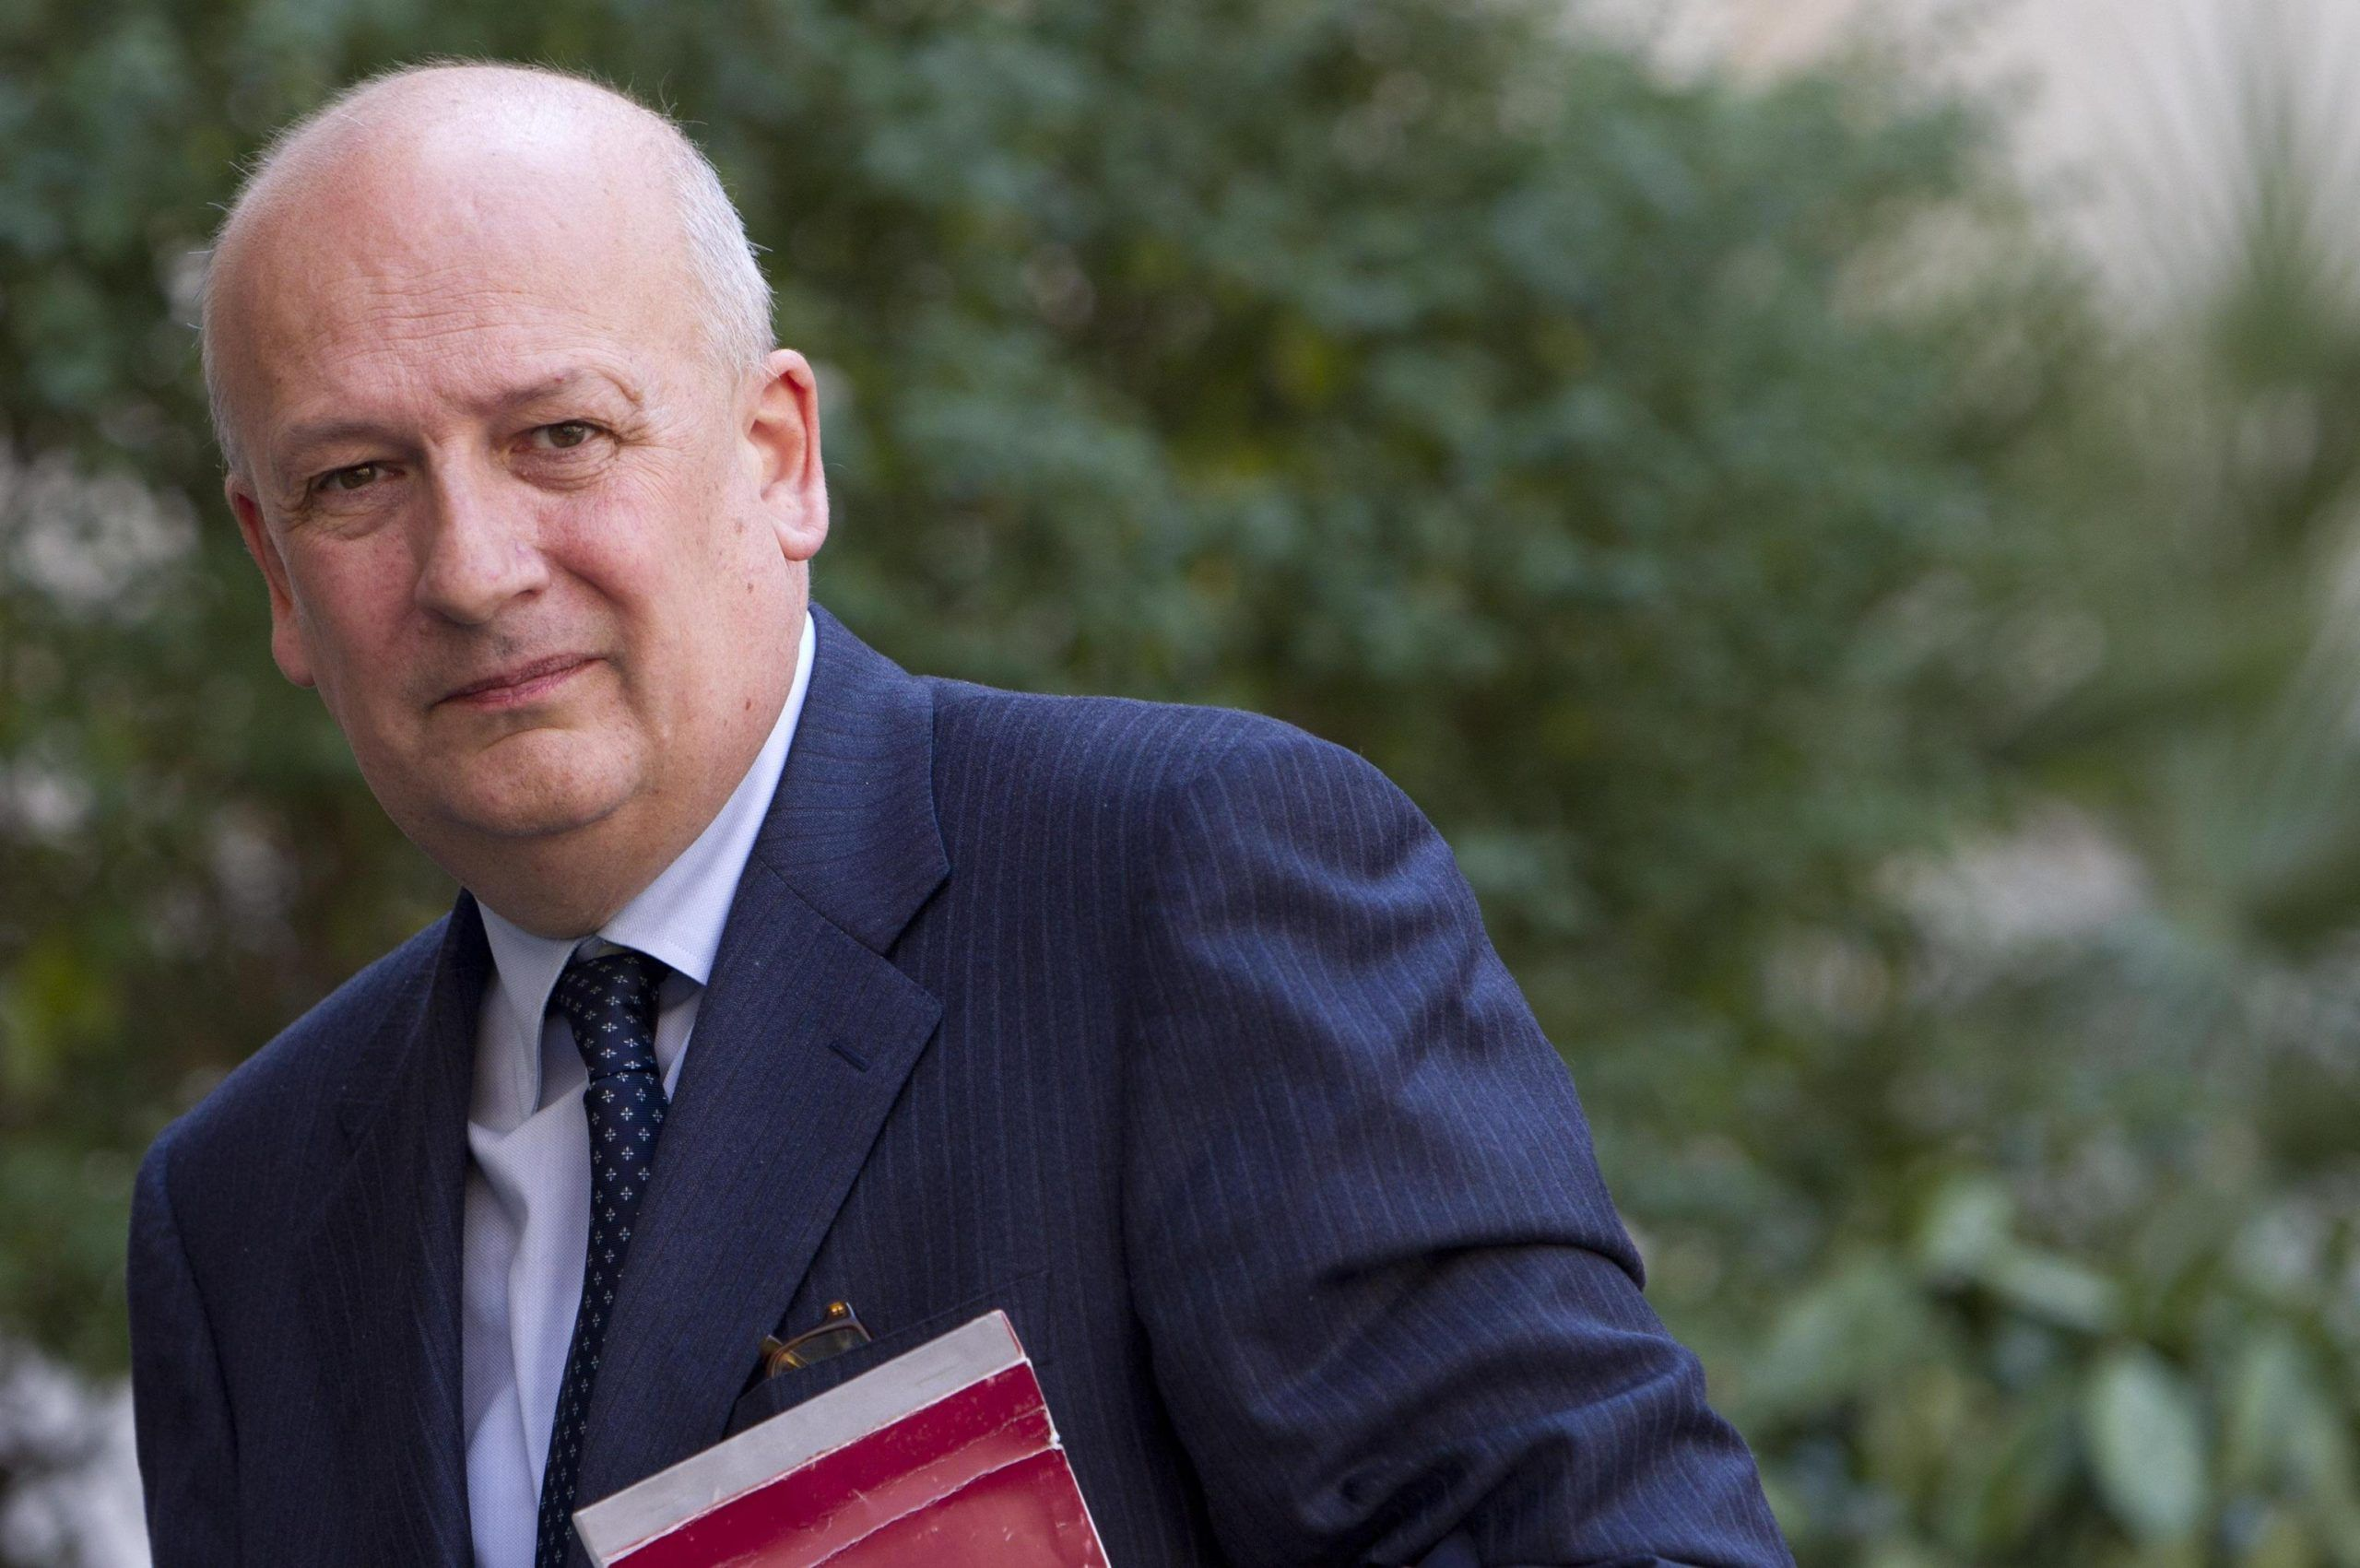 ++ Berlusconi: Bondi, soluzione o rischio guerra civile ++